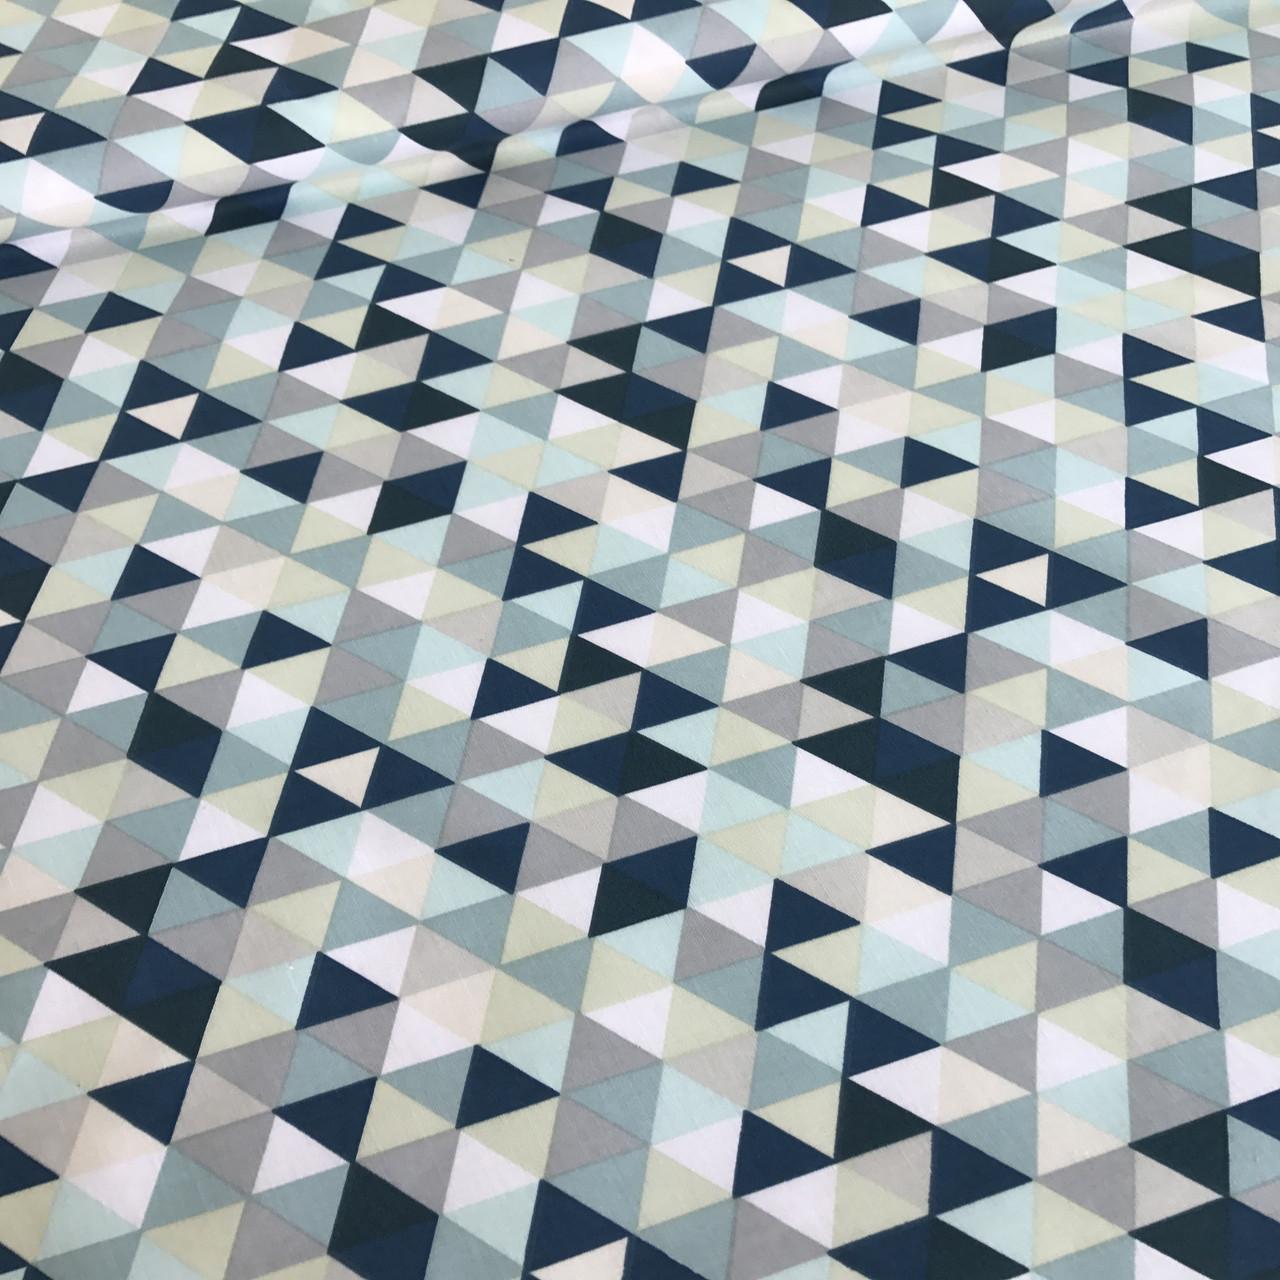 Хлопковая детская бязь польская треугольники мелкие синие, голубые, бежевые, бирюзовые №58